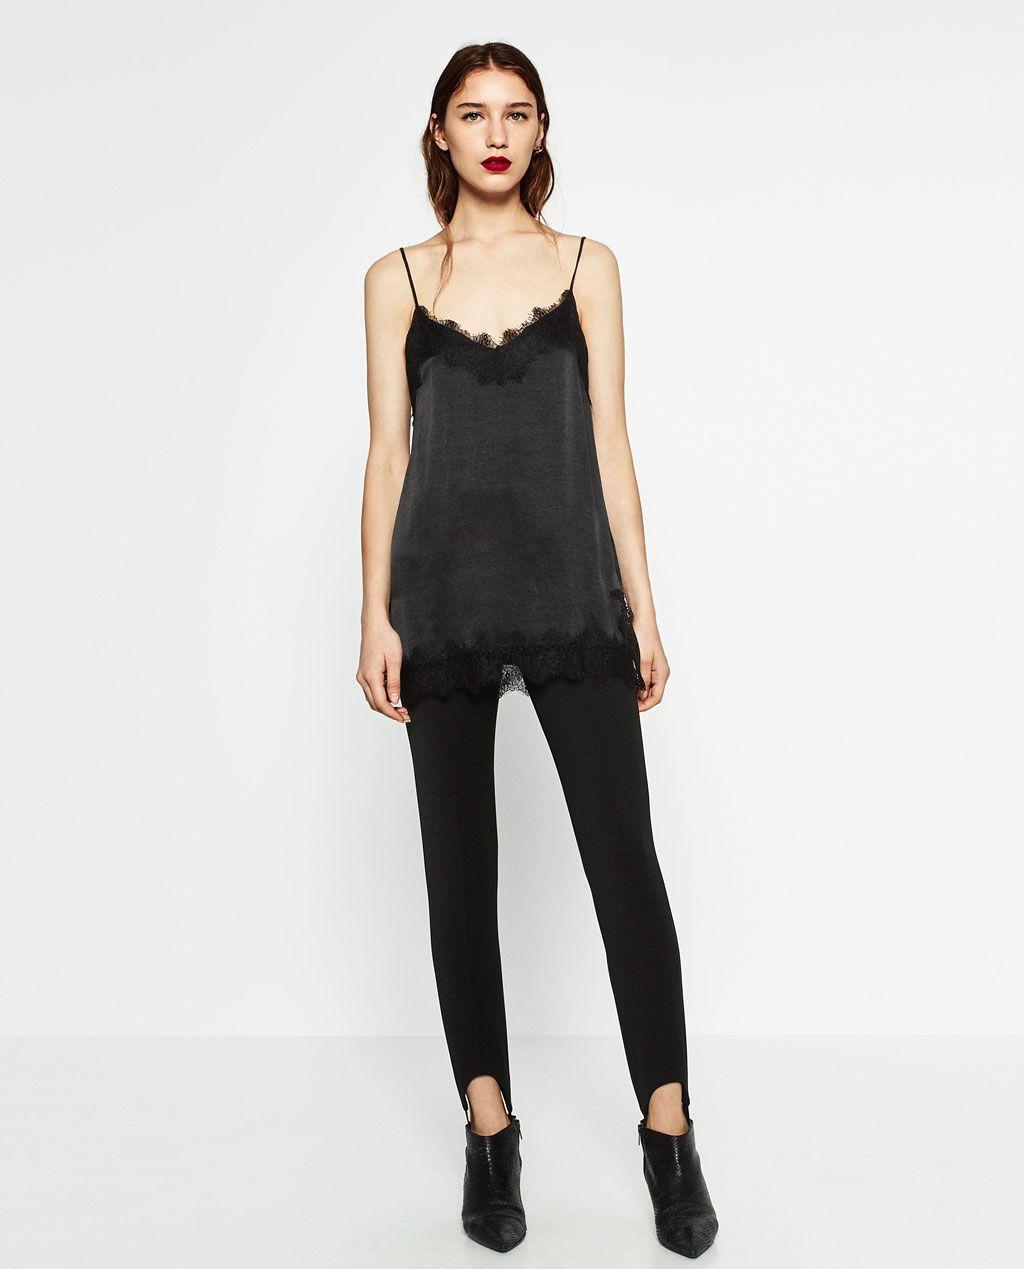 nueva productos calientes descuento de venta caliente buscar autorización Zara Camisole Top $50 | Closet | Lenceros, Camisas y Ropa